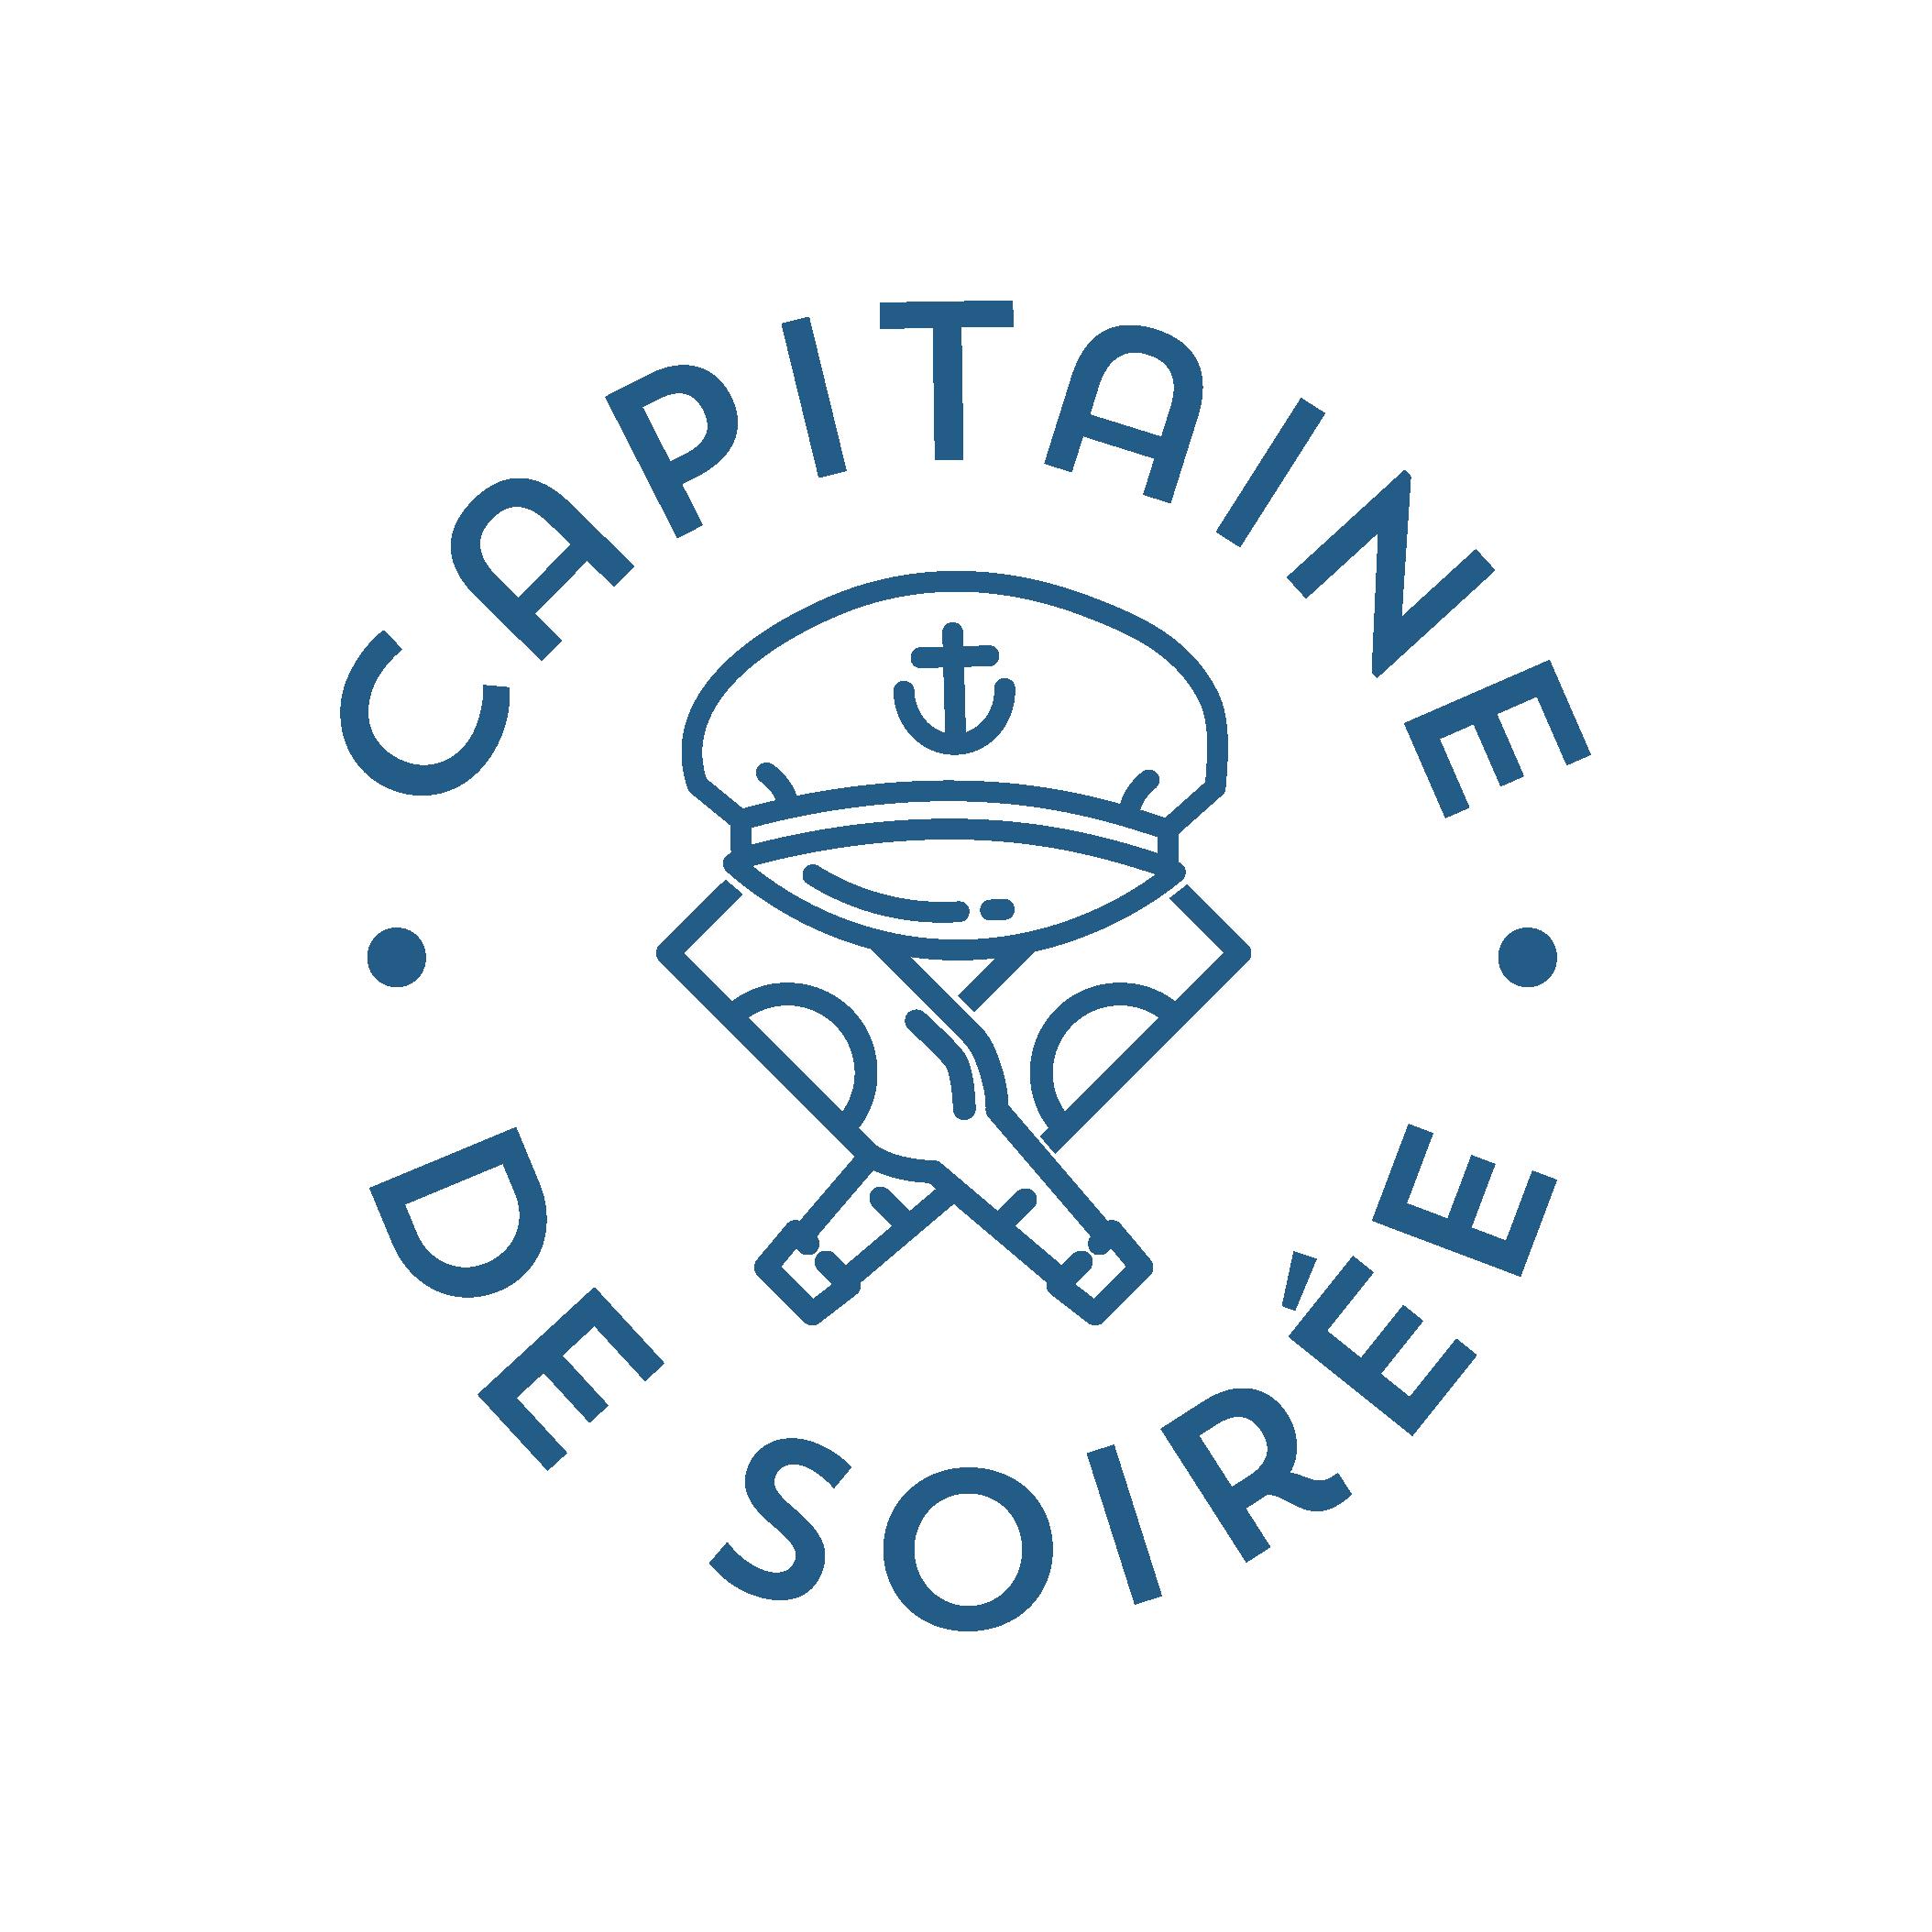 logo capitaine de soirée